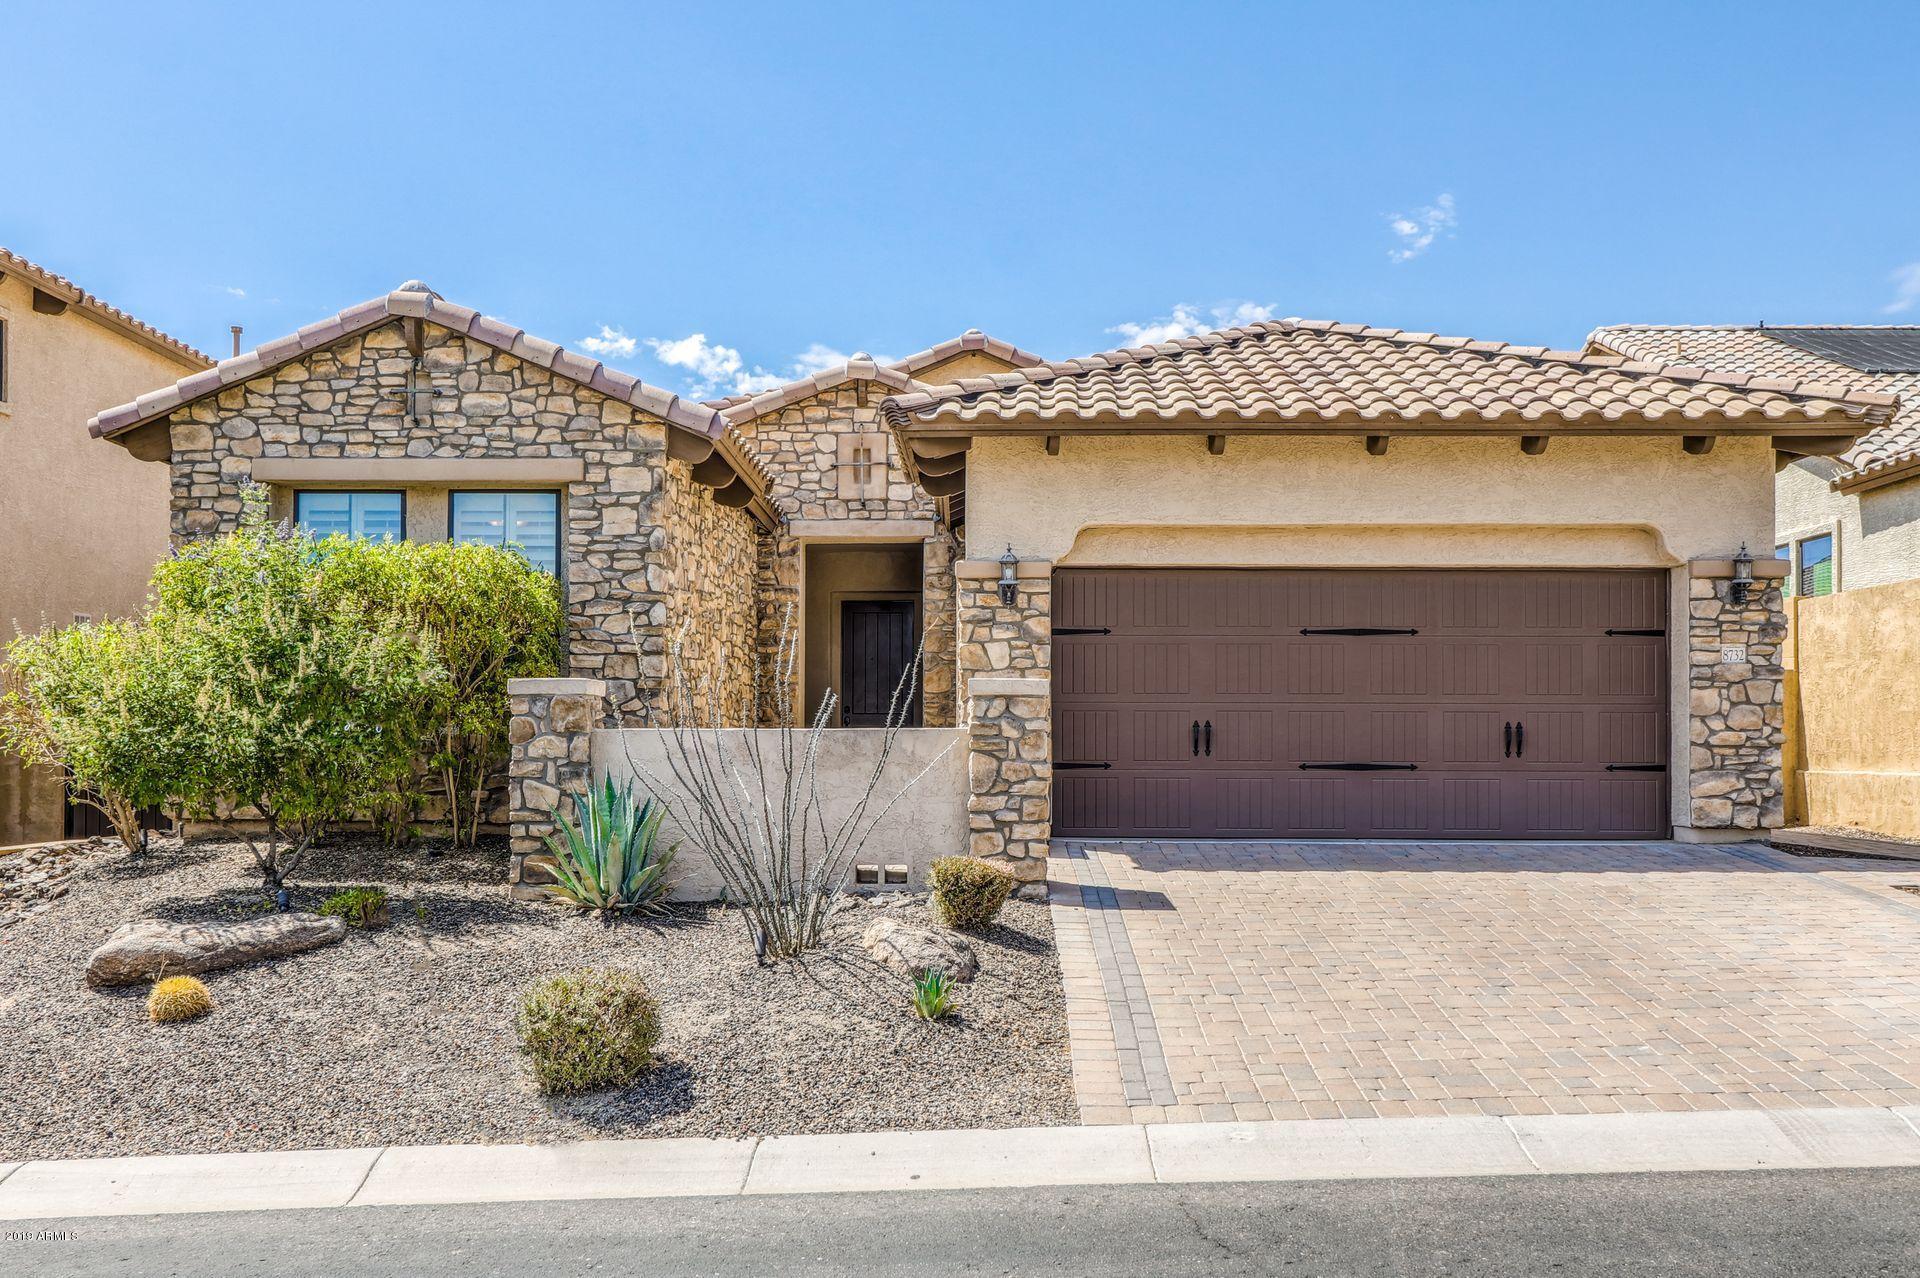 Photo of 8732 E JACARANDA Street, Mesa, AZ 85207